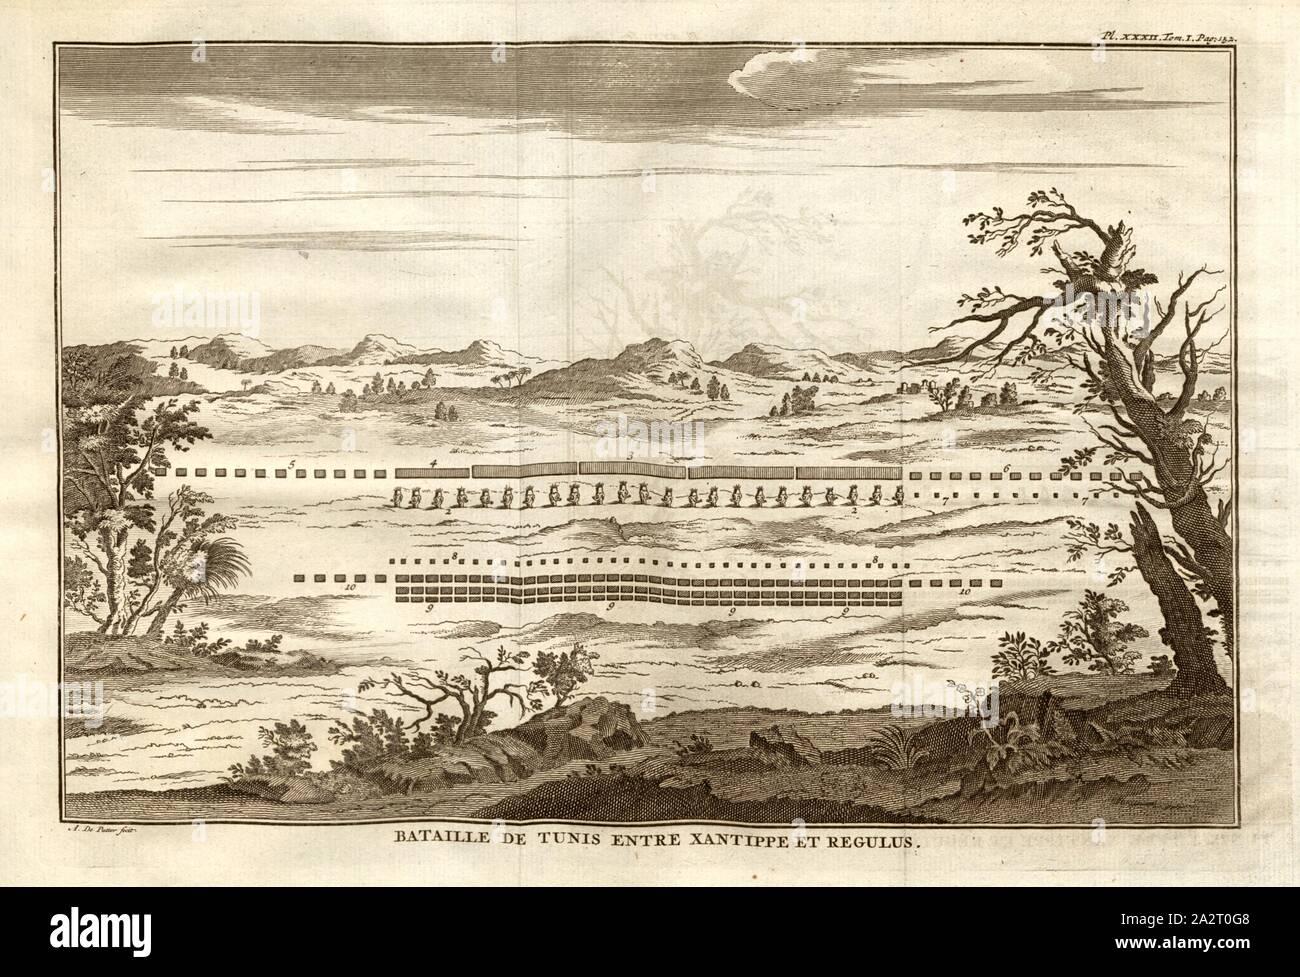 Schlacht von Tunis zwischen Xantippe und Regulus, Schlacht von Tunes (heute: Tunis) zwischen Xanthippos und Regulus, Signiert: A. De Putter fecit, PL. XXXII, Tom., I, Pag., 152, nach S. 152, Putter, A. de (FEC), 1774, Polybius; Vincent Thuillier; Jean Charles de Folard: Histoire de Polybe. Tome 1; Amsterdam: Arkstée et Merkus, MDCCLXXIV [1774 Stockfoto